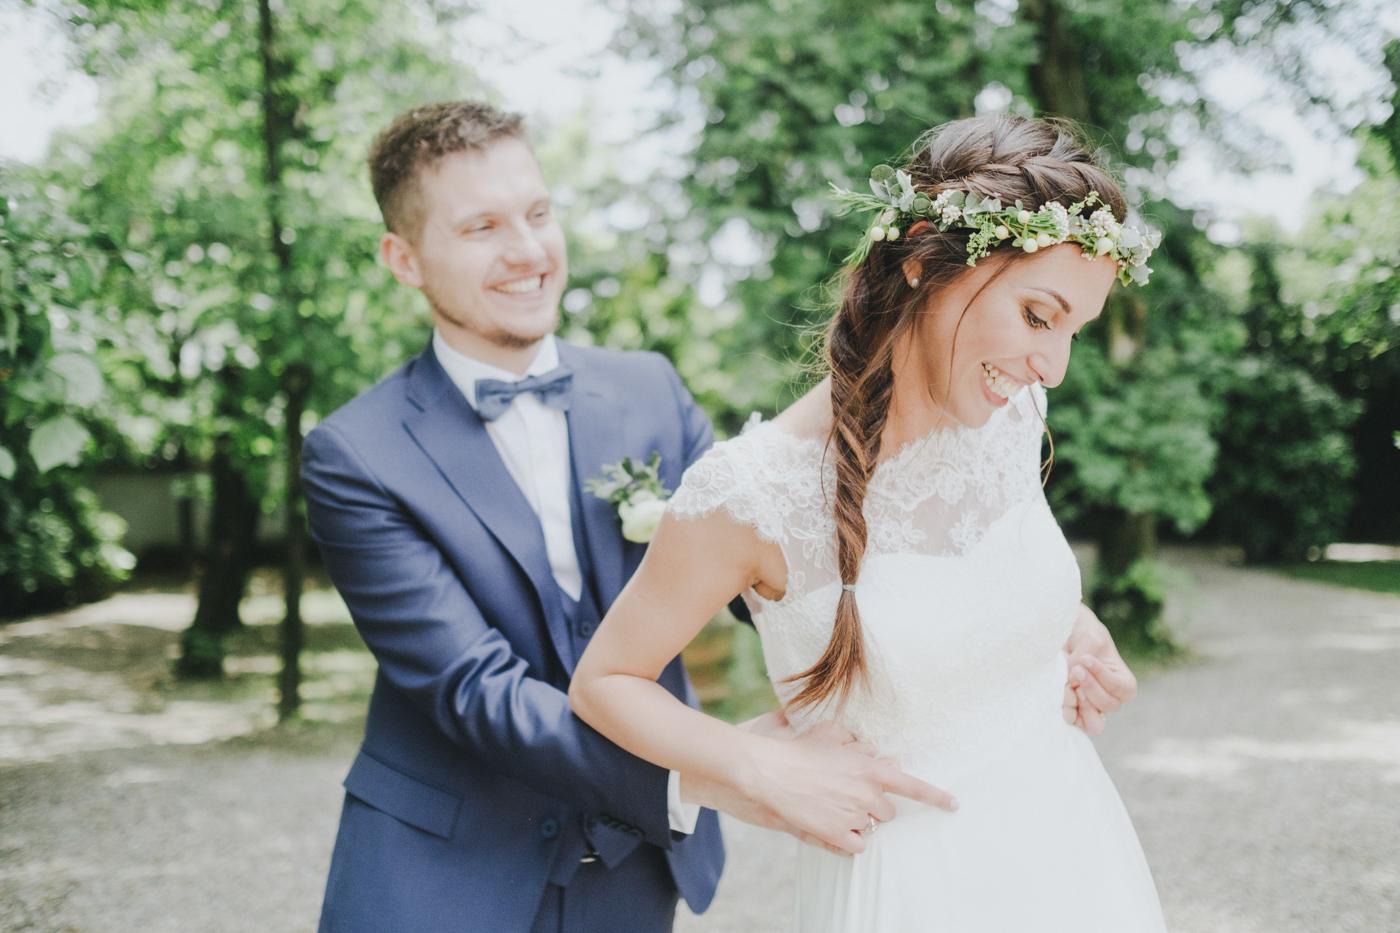 fotografo matrimonio como-99.jpg